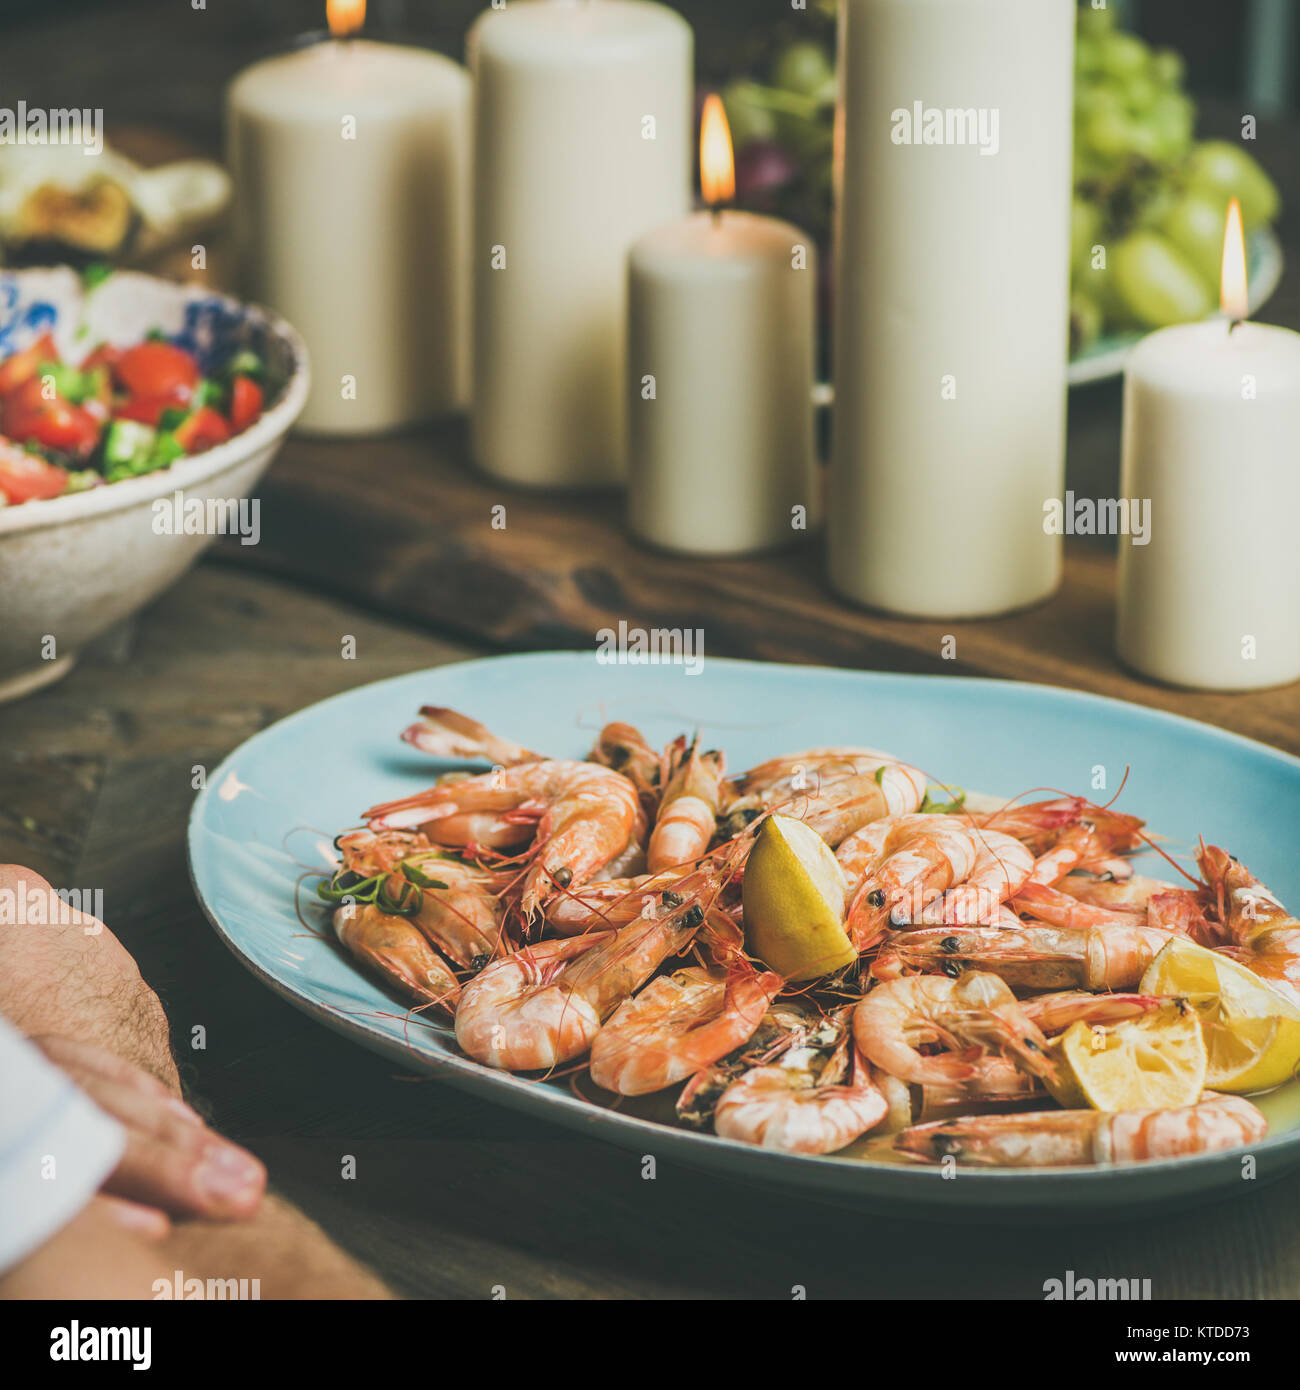 Ensalada, camarones y velas sobre la mesa de madera, recortar cuadrados Imagen De Stock